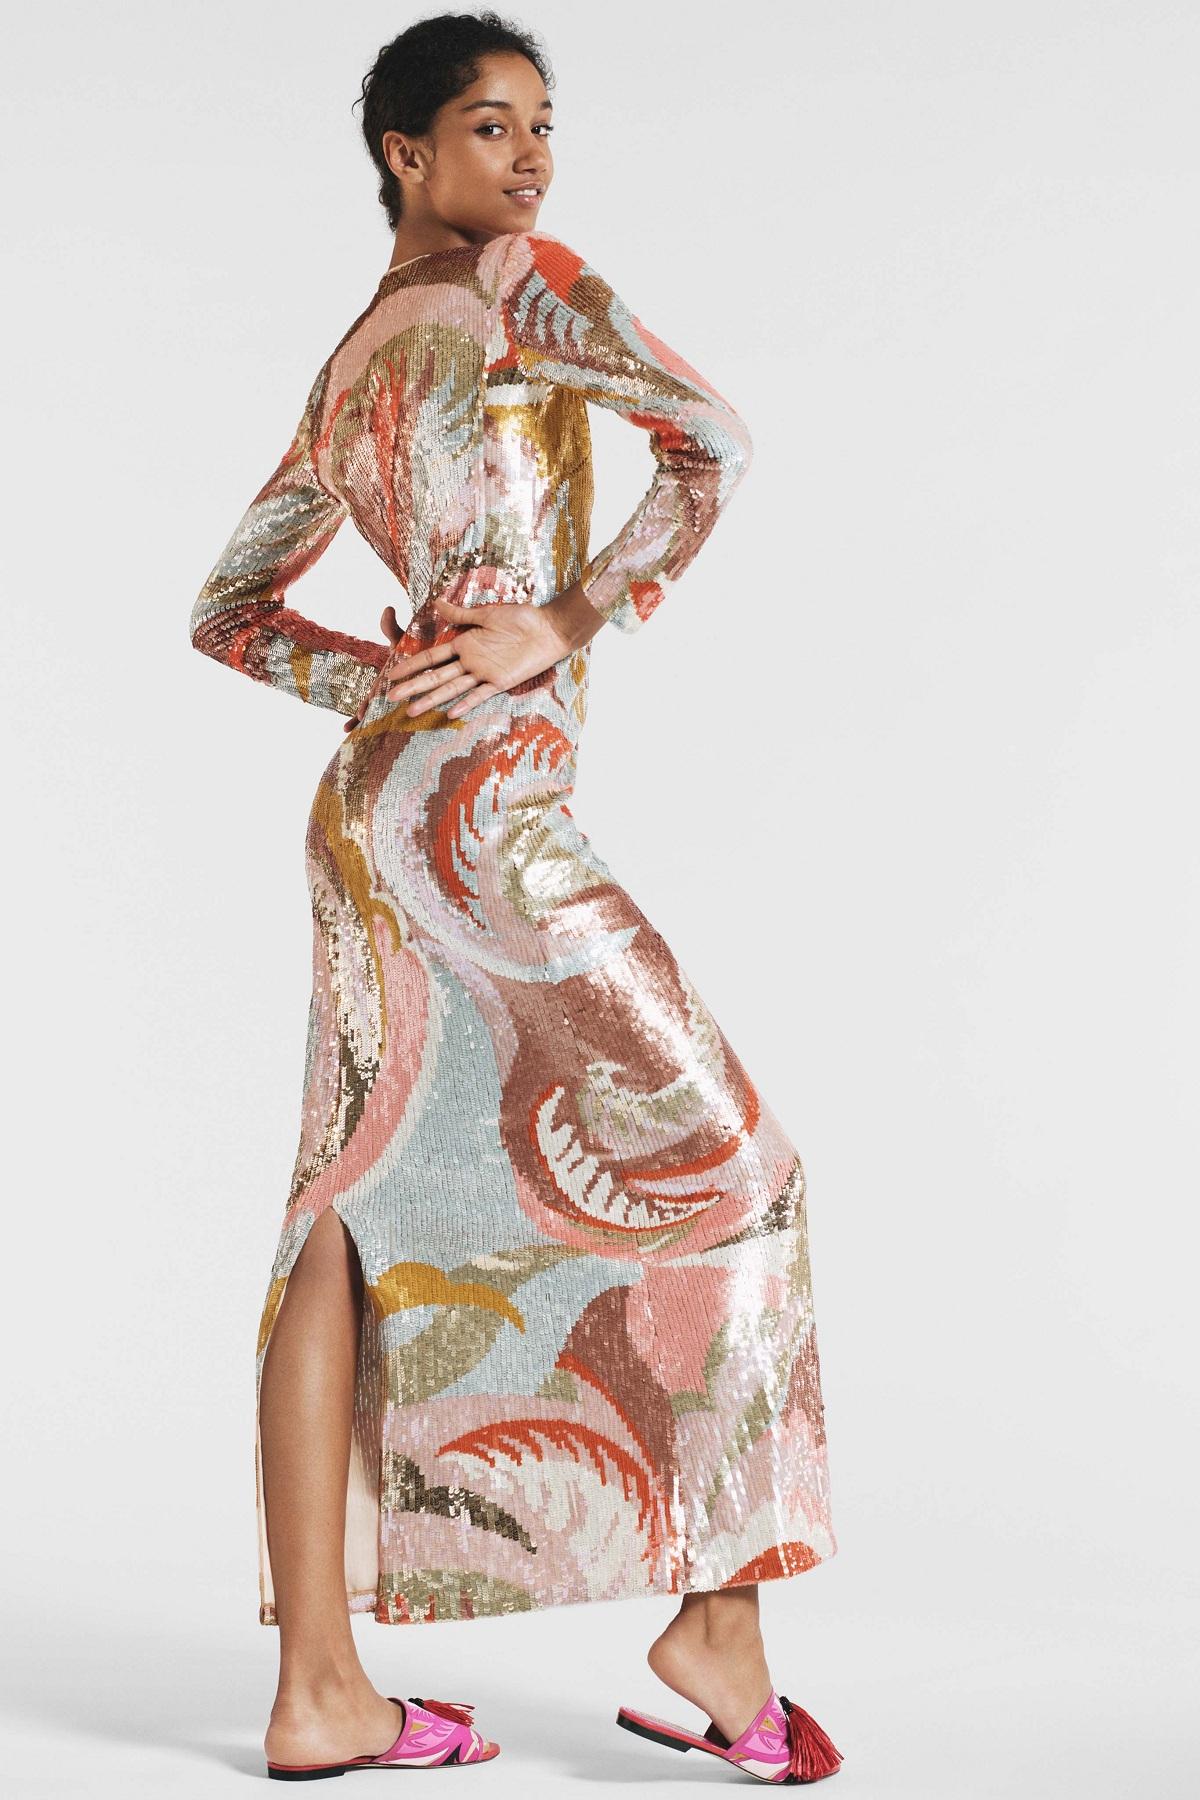 Emilio Pucci Resort 2019 Fashionela